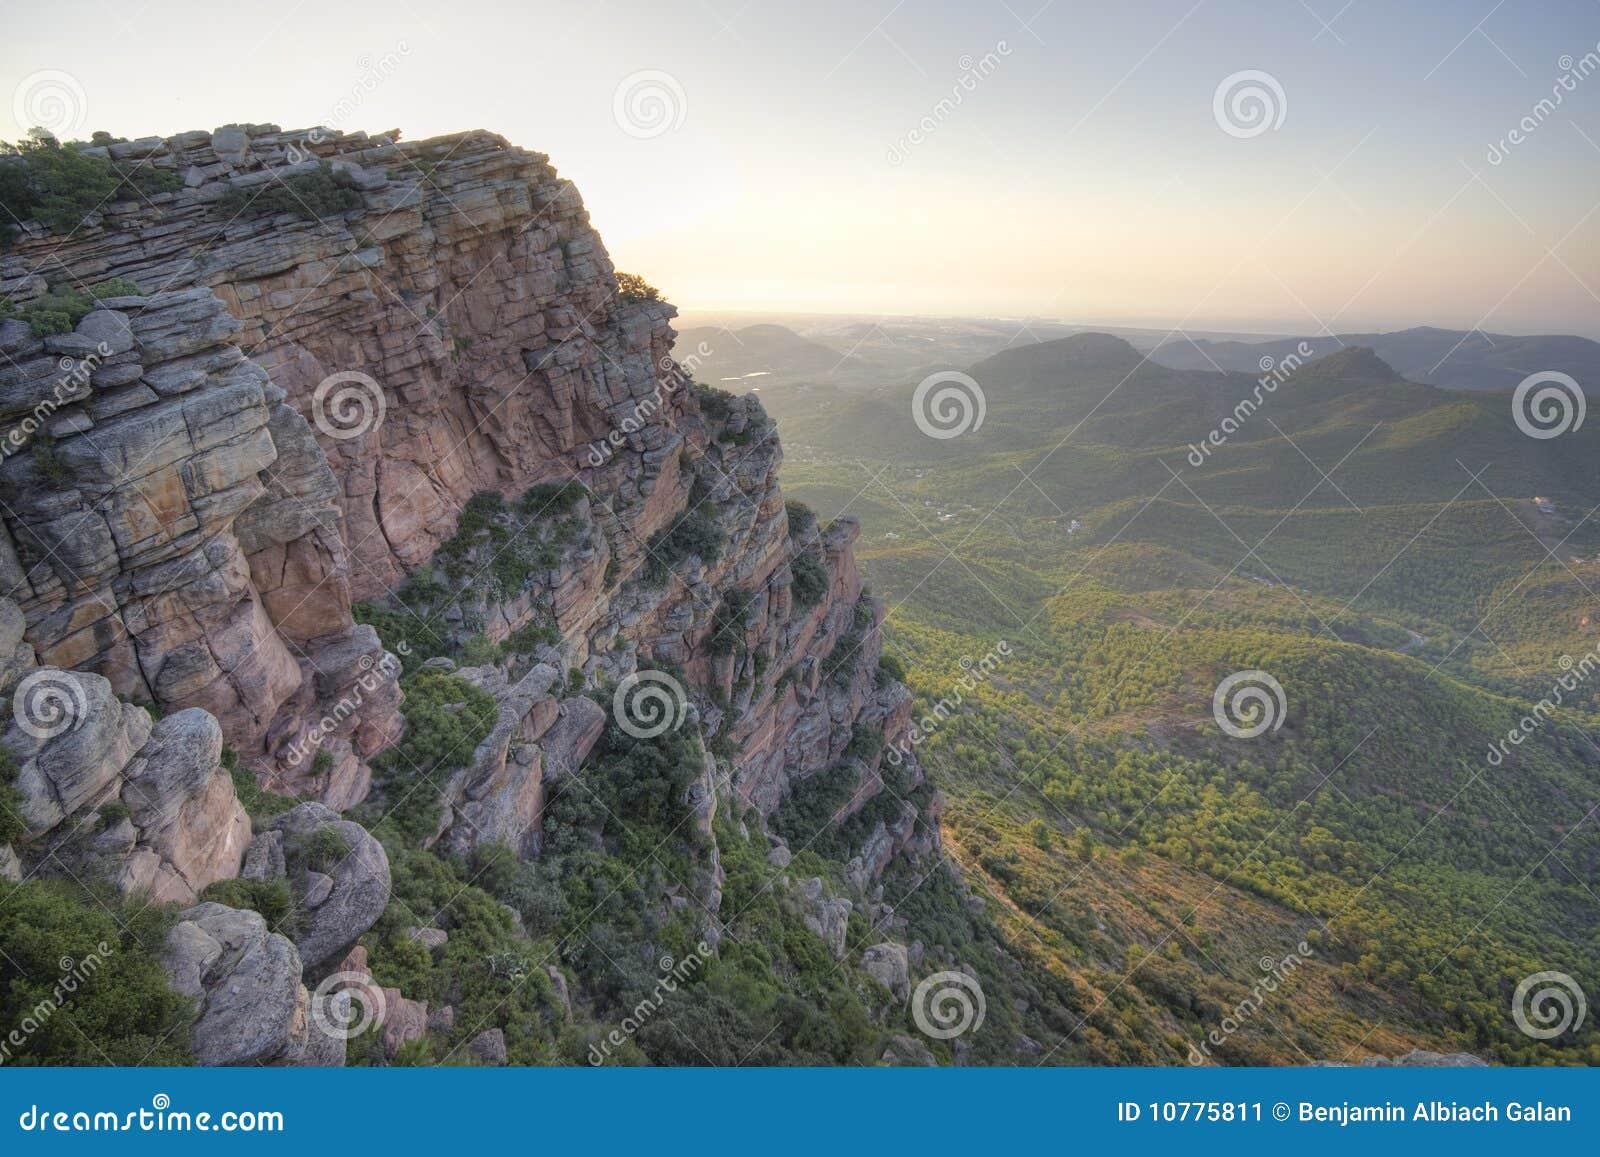 Mediterraan bergachtig landschap